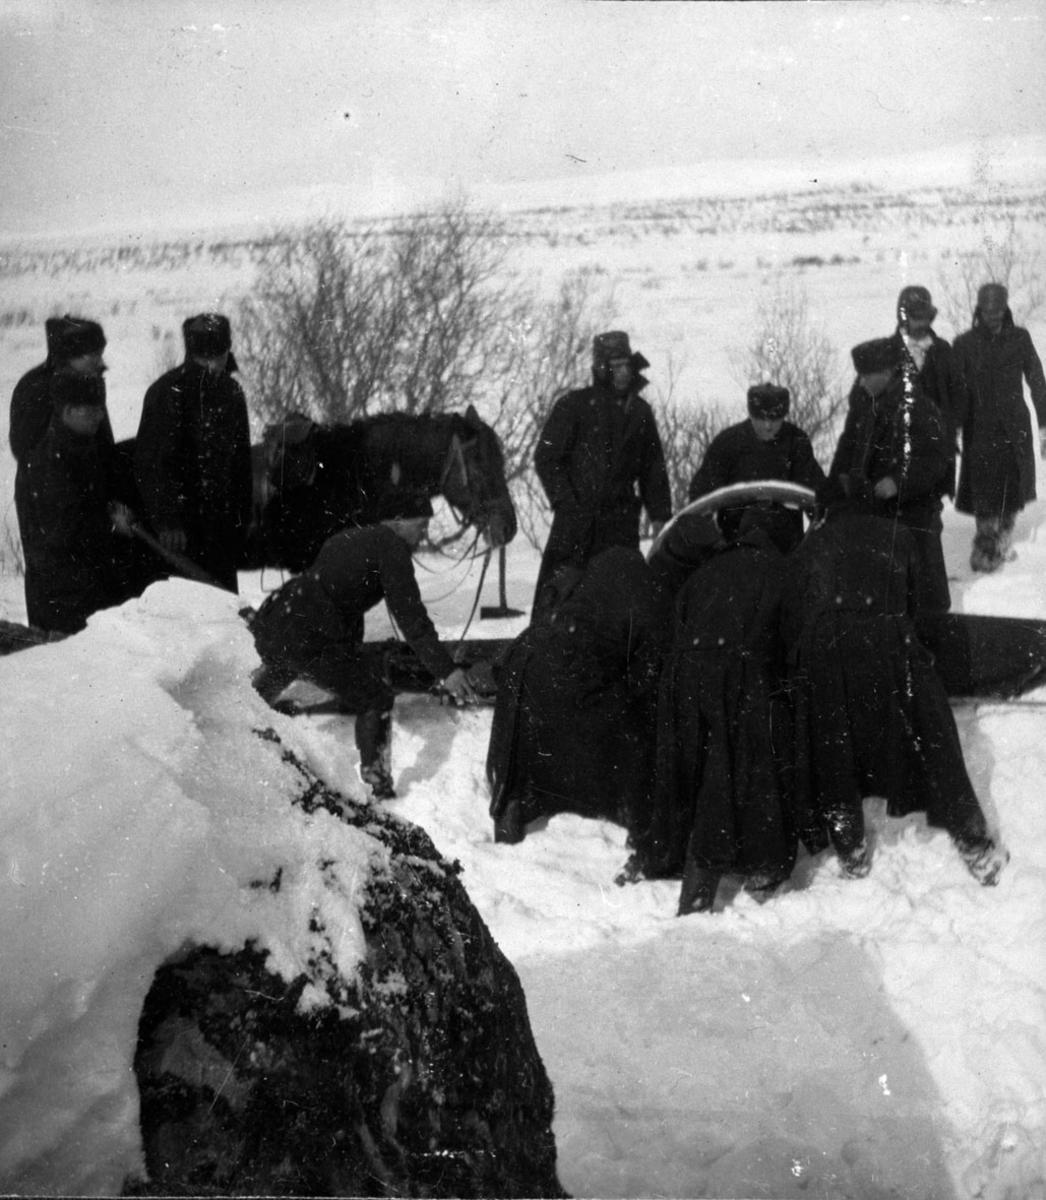 Militær vinterøvelse. Militære, arbeid, leir.